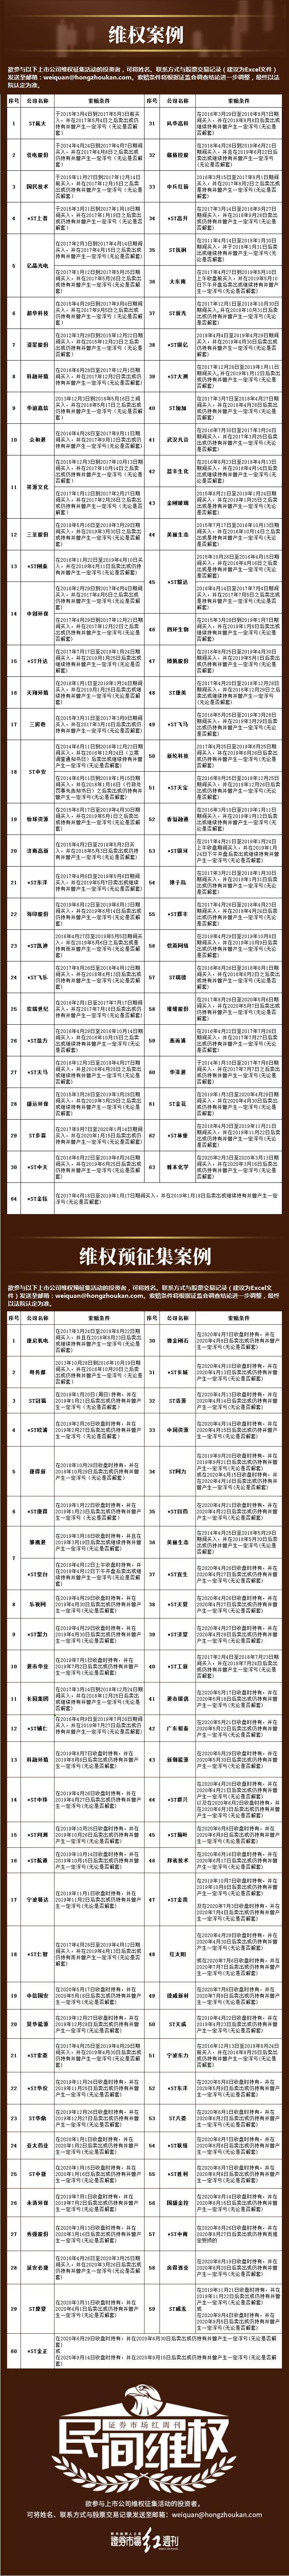 民间维权 | 广东榕泰就证监会立案调查进展进行说明